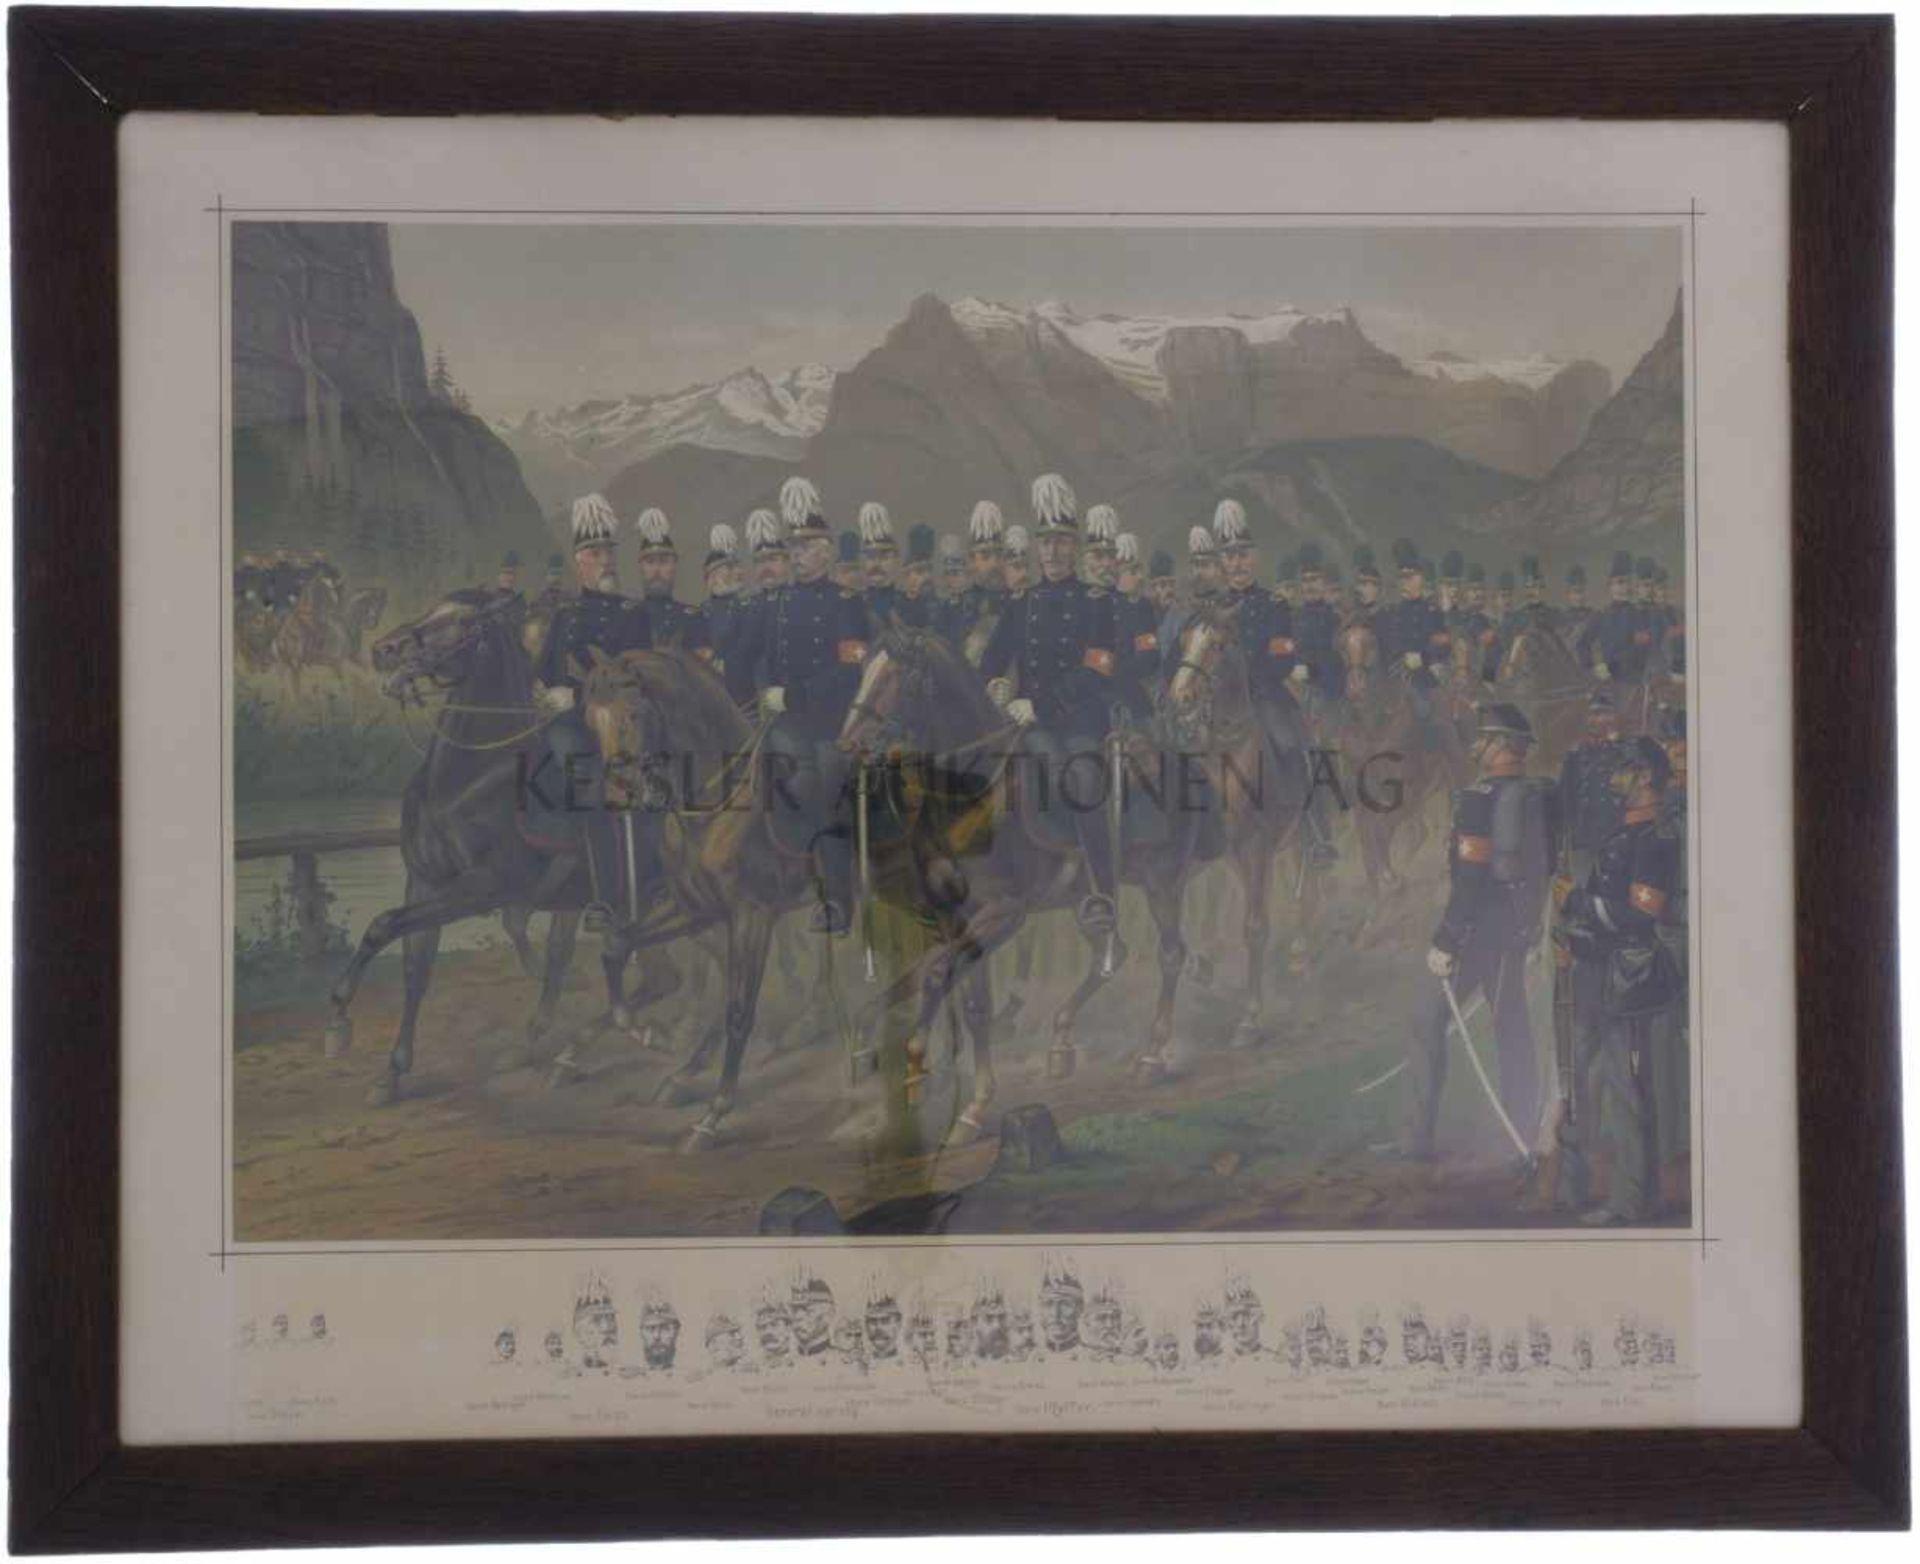 Los 2 - Öldruck, gerahmt, General Herzog und seine Entourage Gemalt von Karl Jauslin, 1889. Darstellung